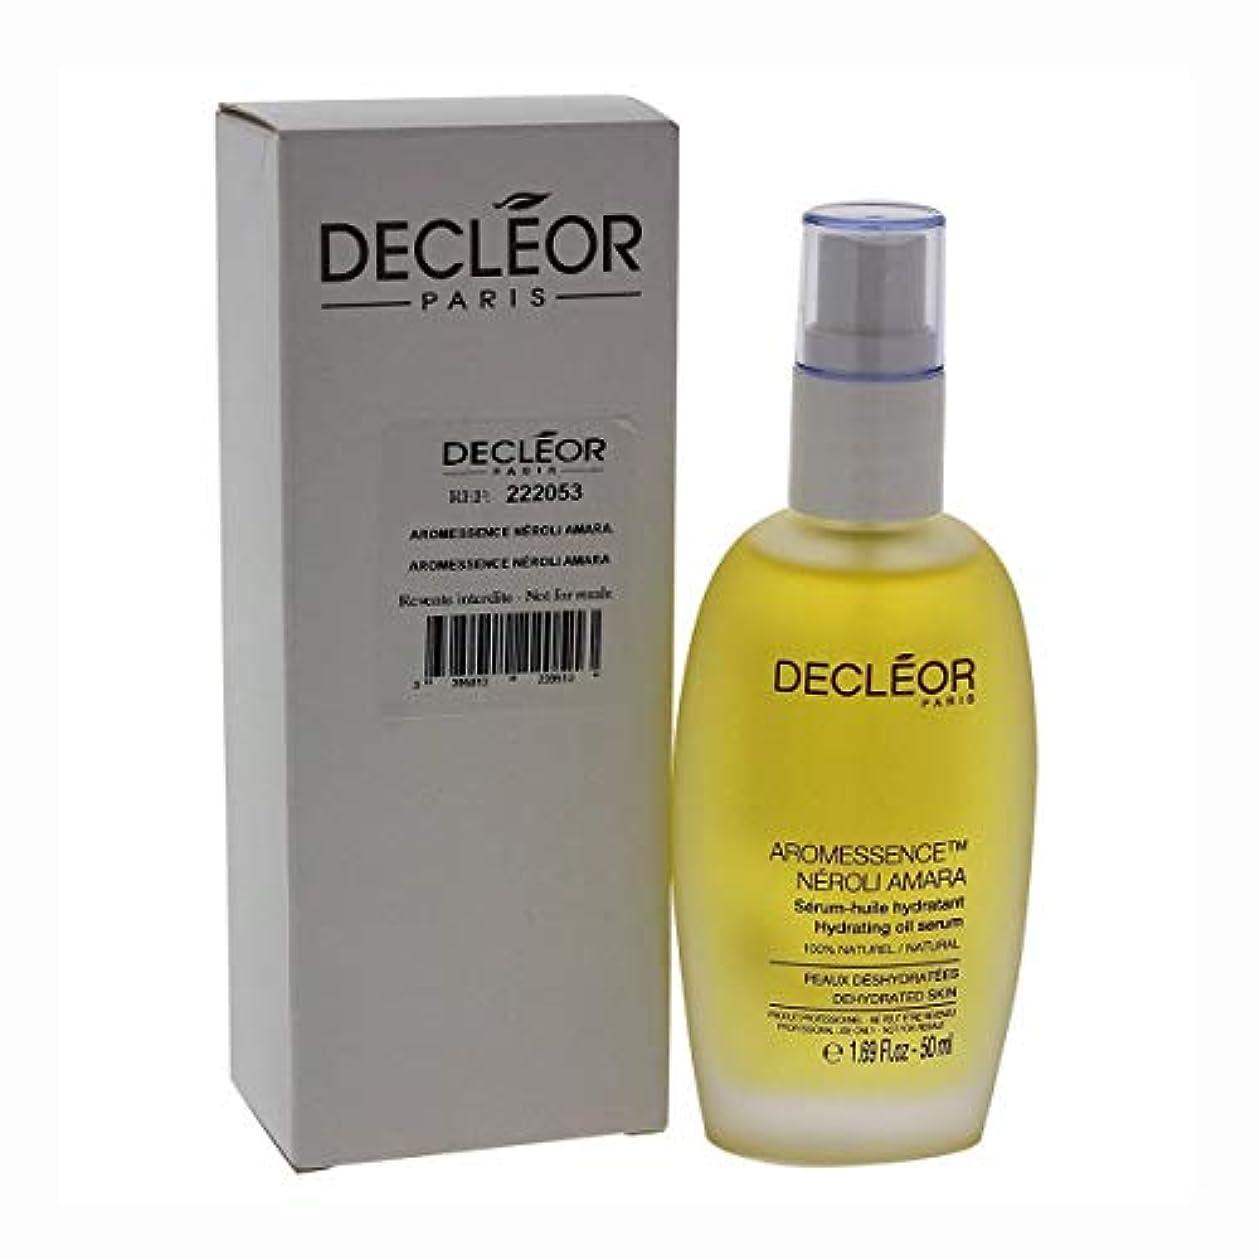 つづり年金六月デクレオール Aromessence Neroli Amara Hydrating Oil Serum - For Dehydrated Skin (Salon Size) 50ml/1.69oz並行輸入品